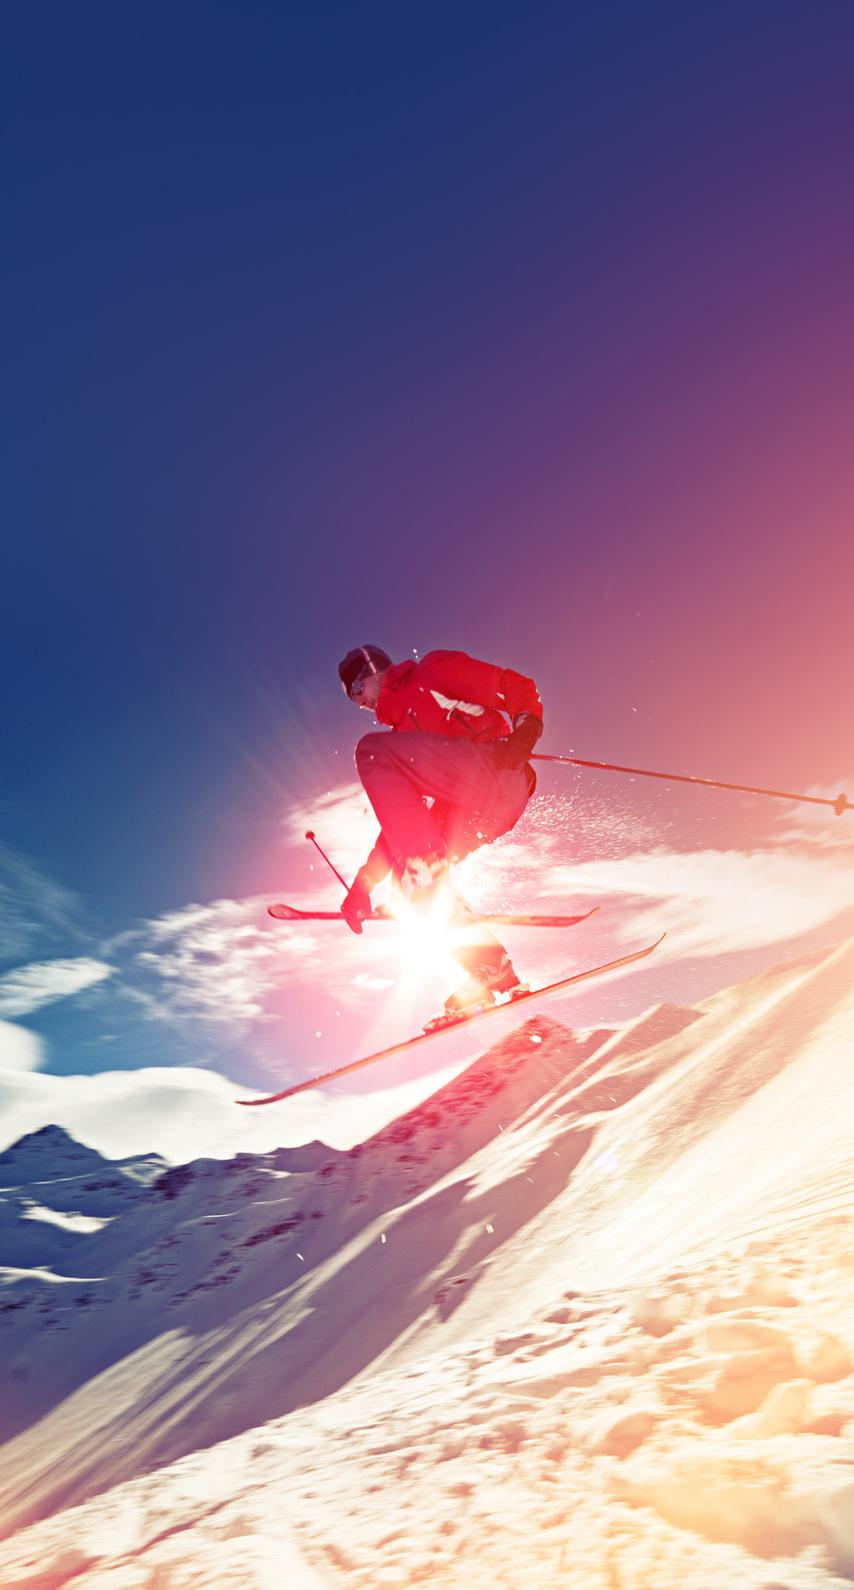 skiing, fun